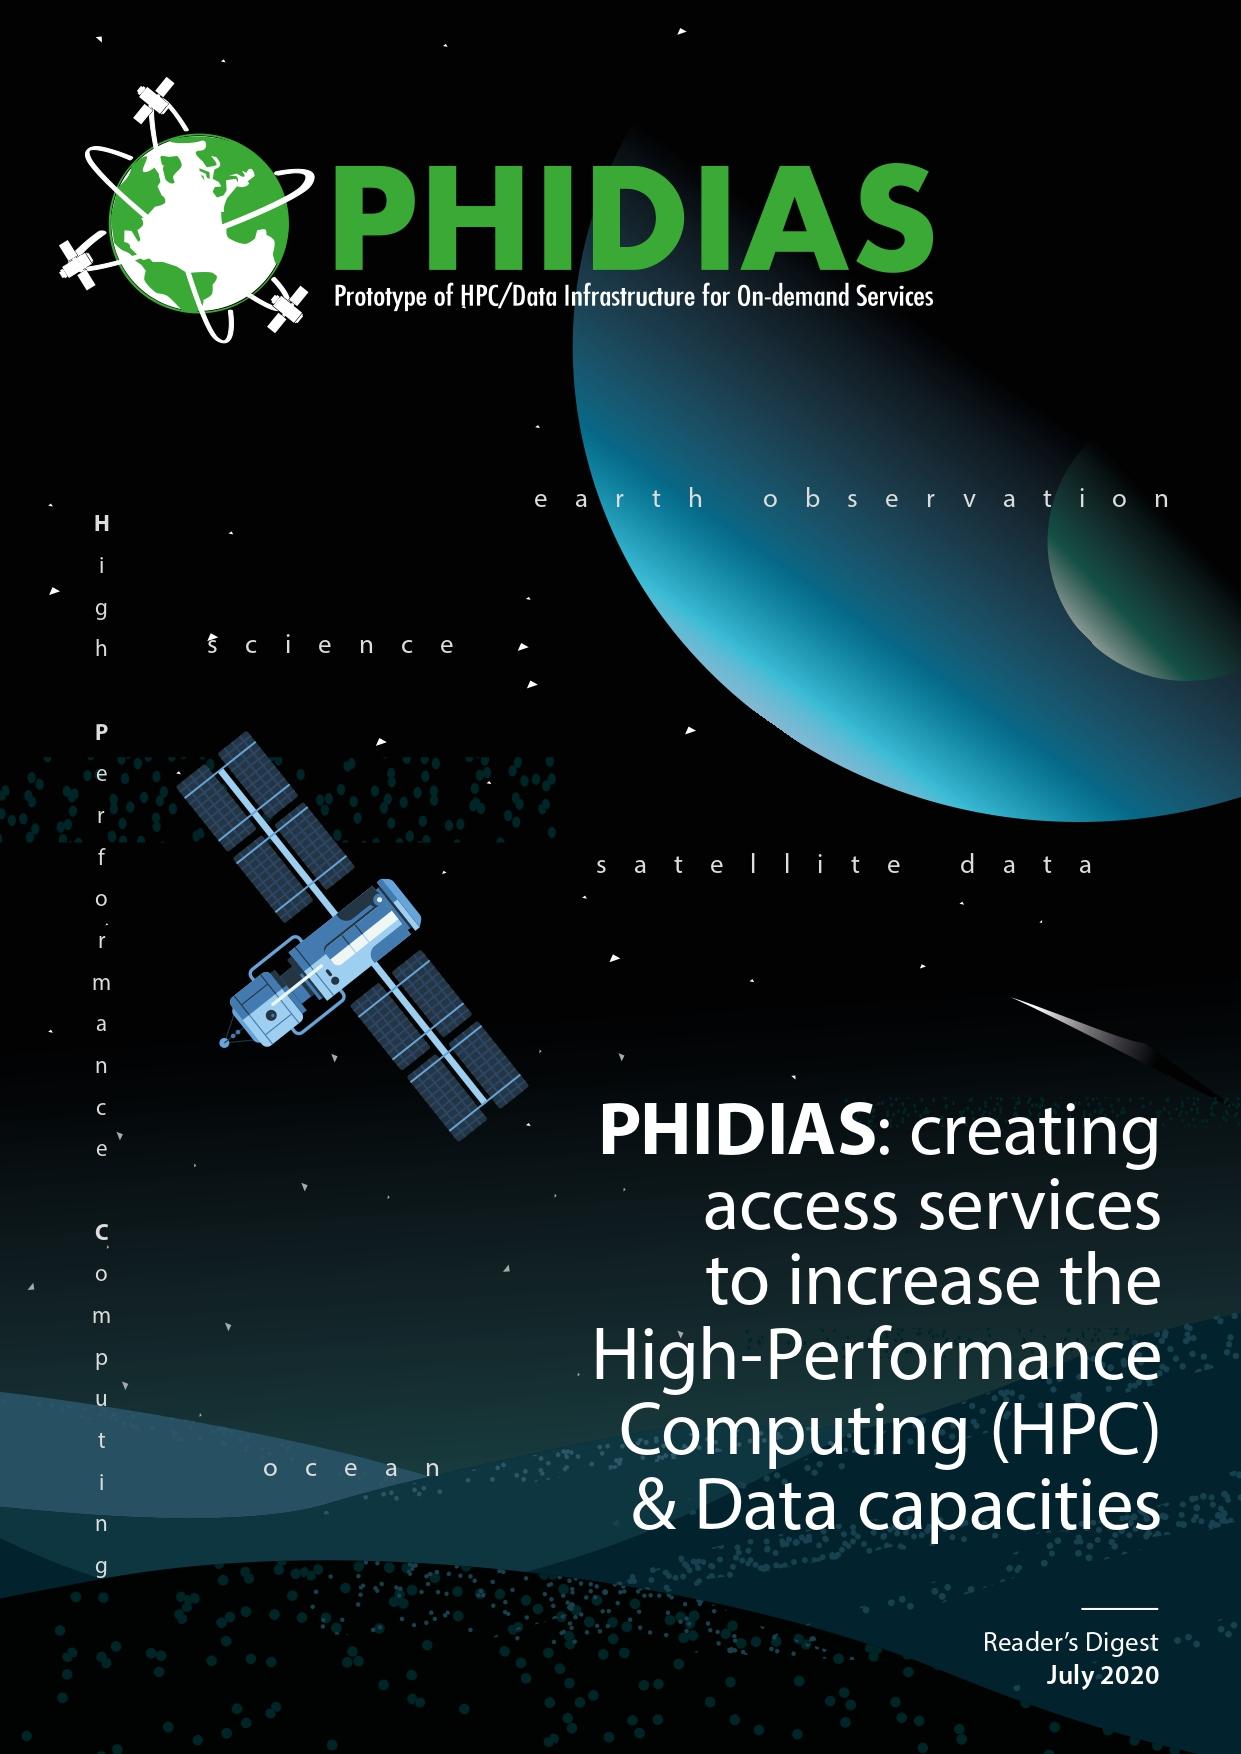 https://www.phidias-hpc.eu/sites/default/files/revslider/image/PHIDIAS_Print_Booklet_WEB_Jul2020_page-0001.jpg